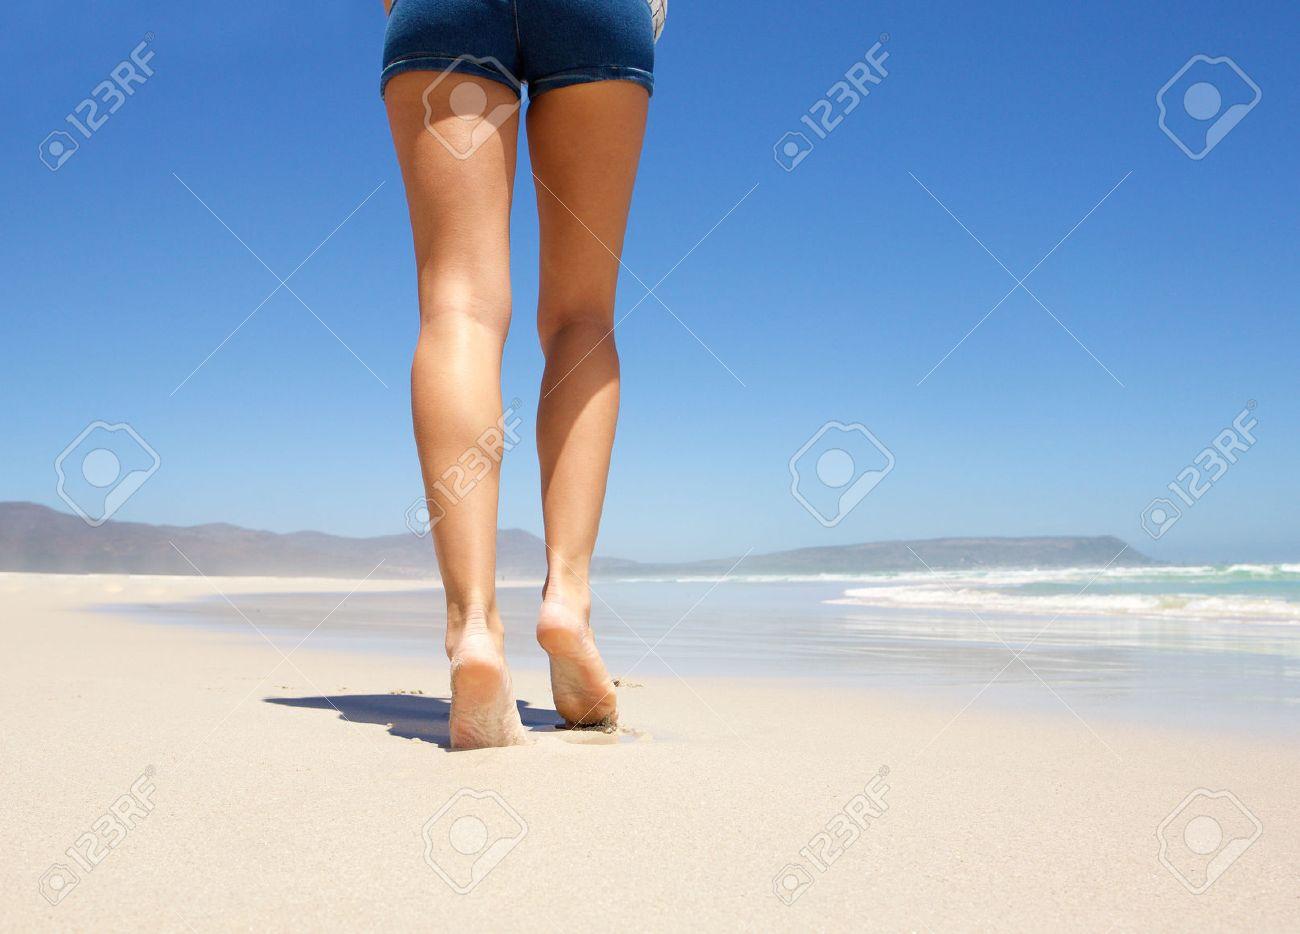 後ろからビーチで裸足で歩く女性の足 の写真素材・画像素材 Image ...